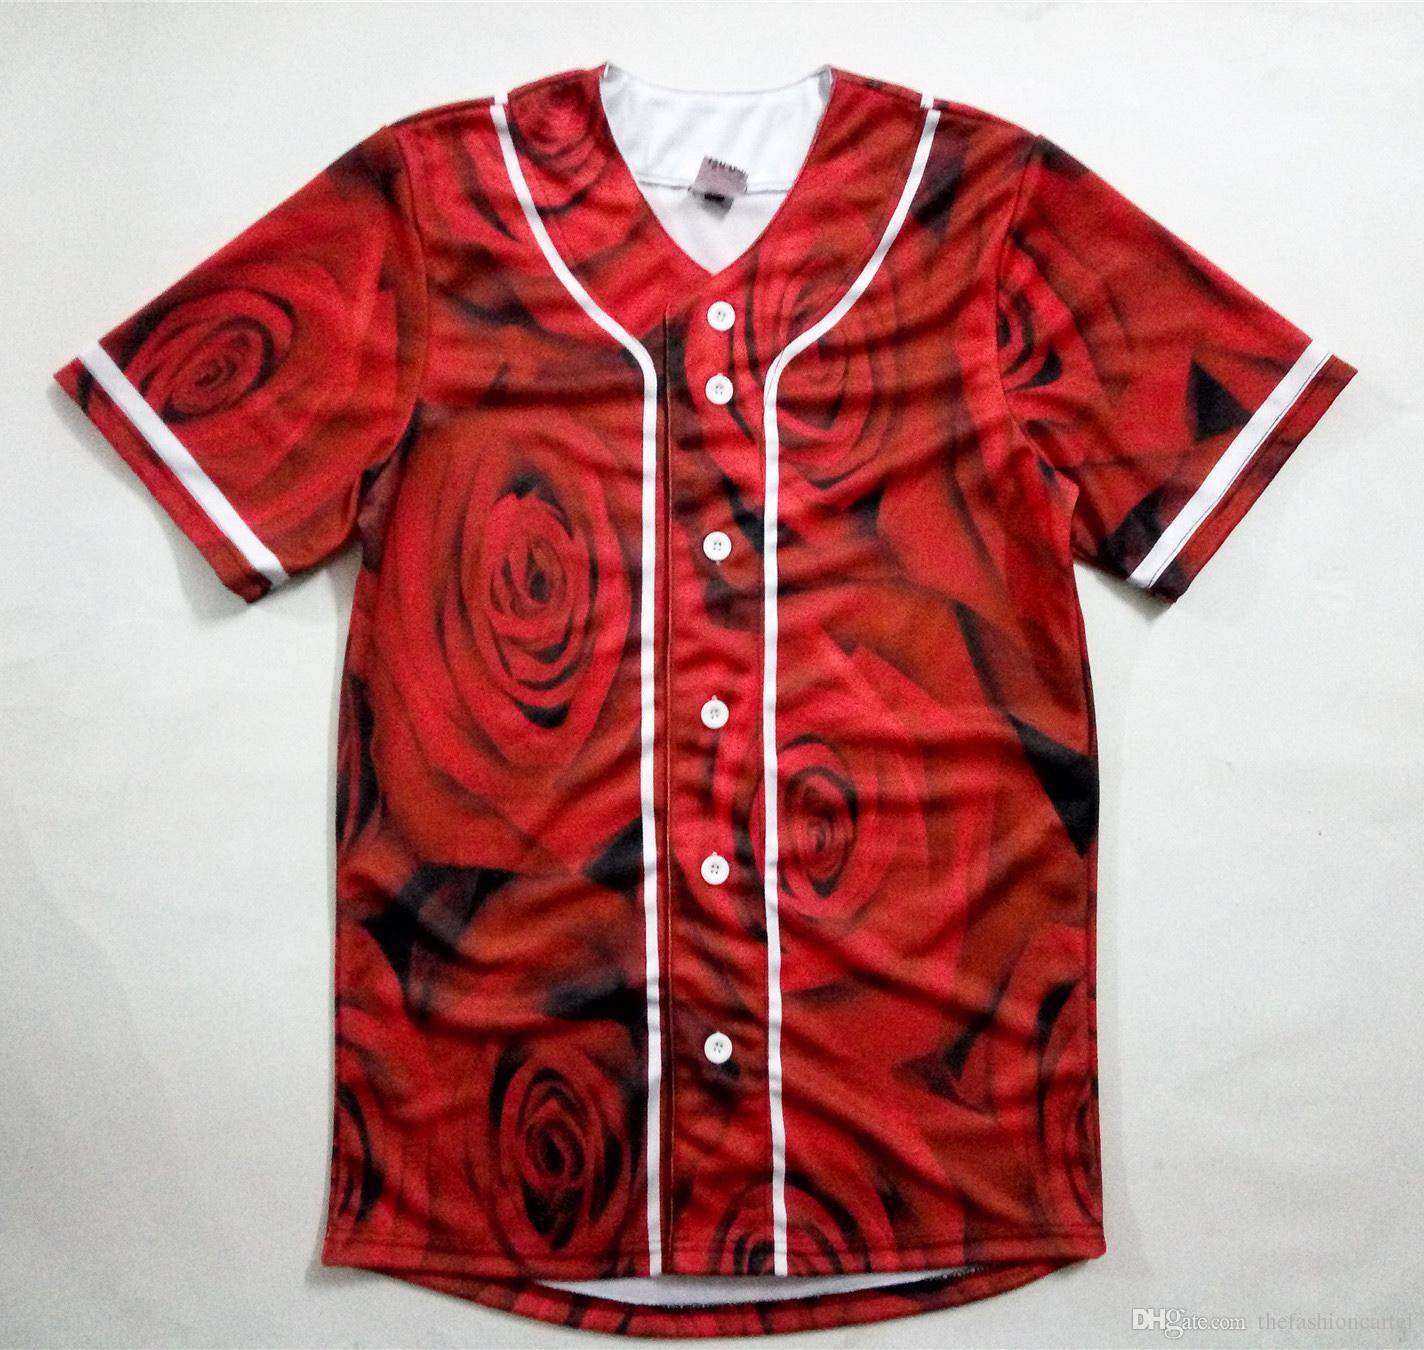 Compre Tamaño Real De Los EE. UU. Camisa De Béisbol Con Estampado  Sublimaiton 3D De Rosas Rojas Más Tamaño A  24.22 Del Thefashioncartel  b675ca2ae91fc